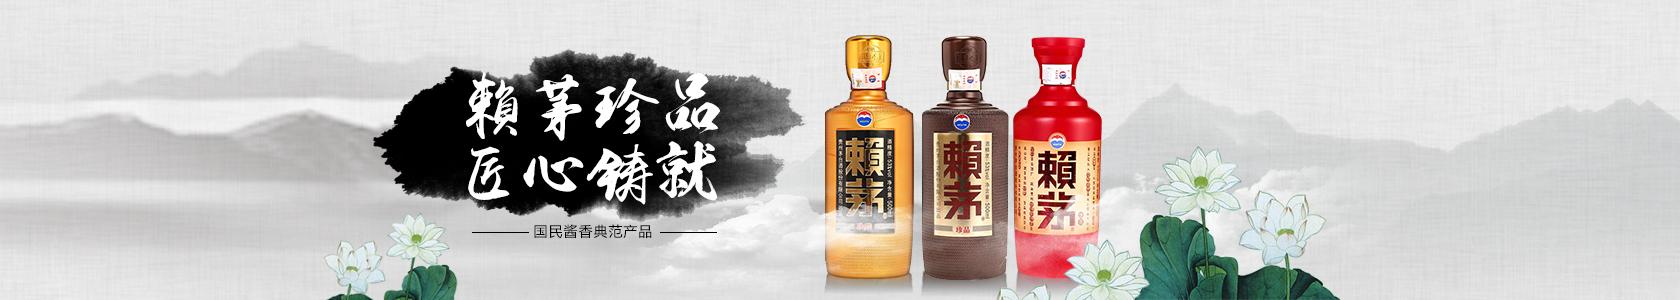 51°茅臺 漢醬酒 500ml